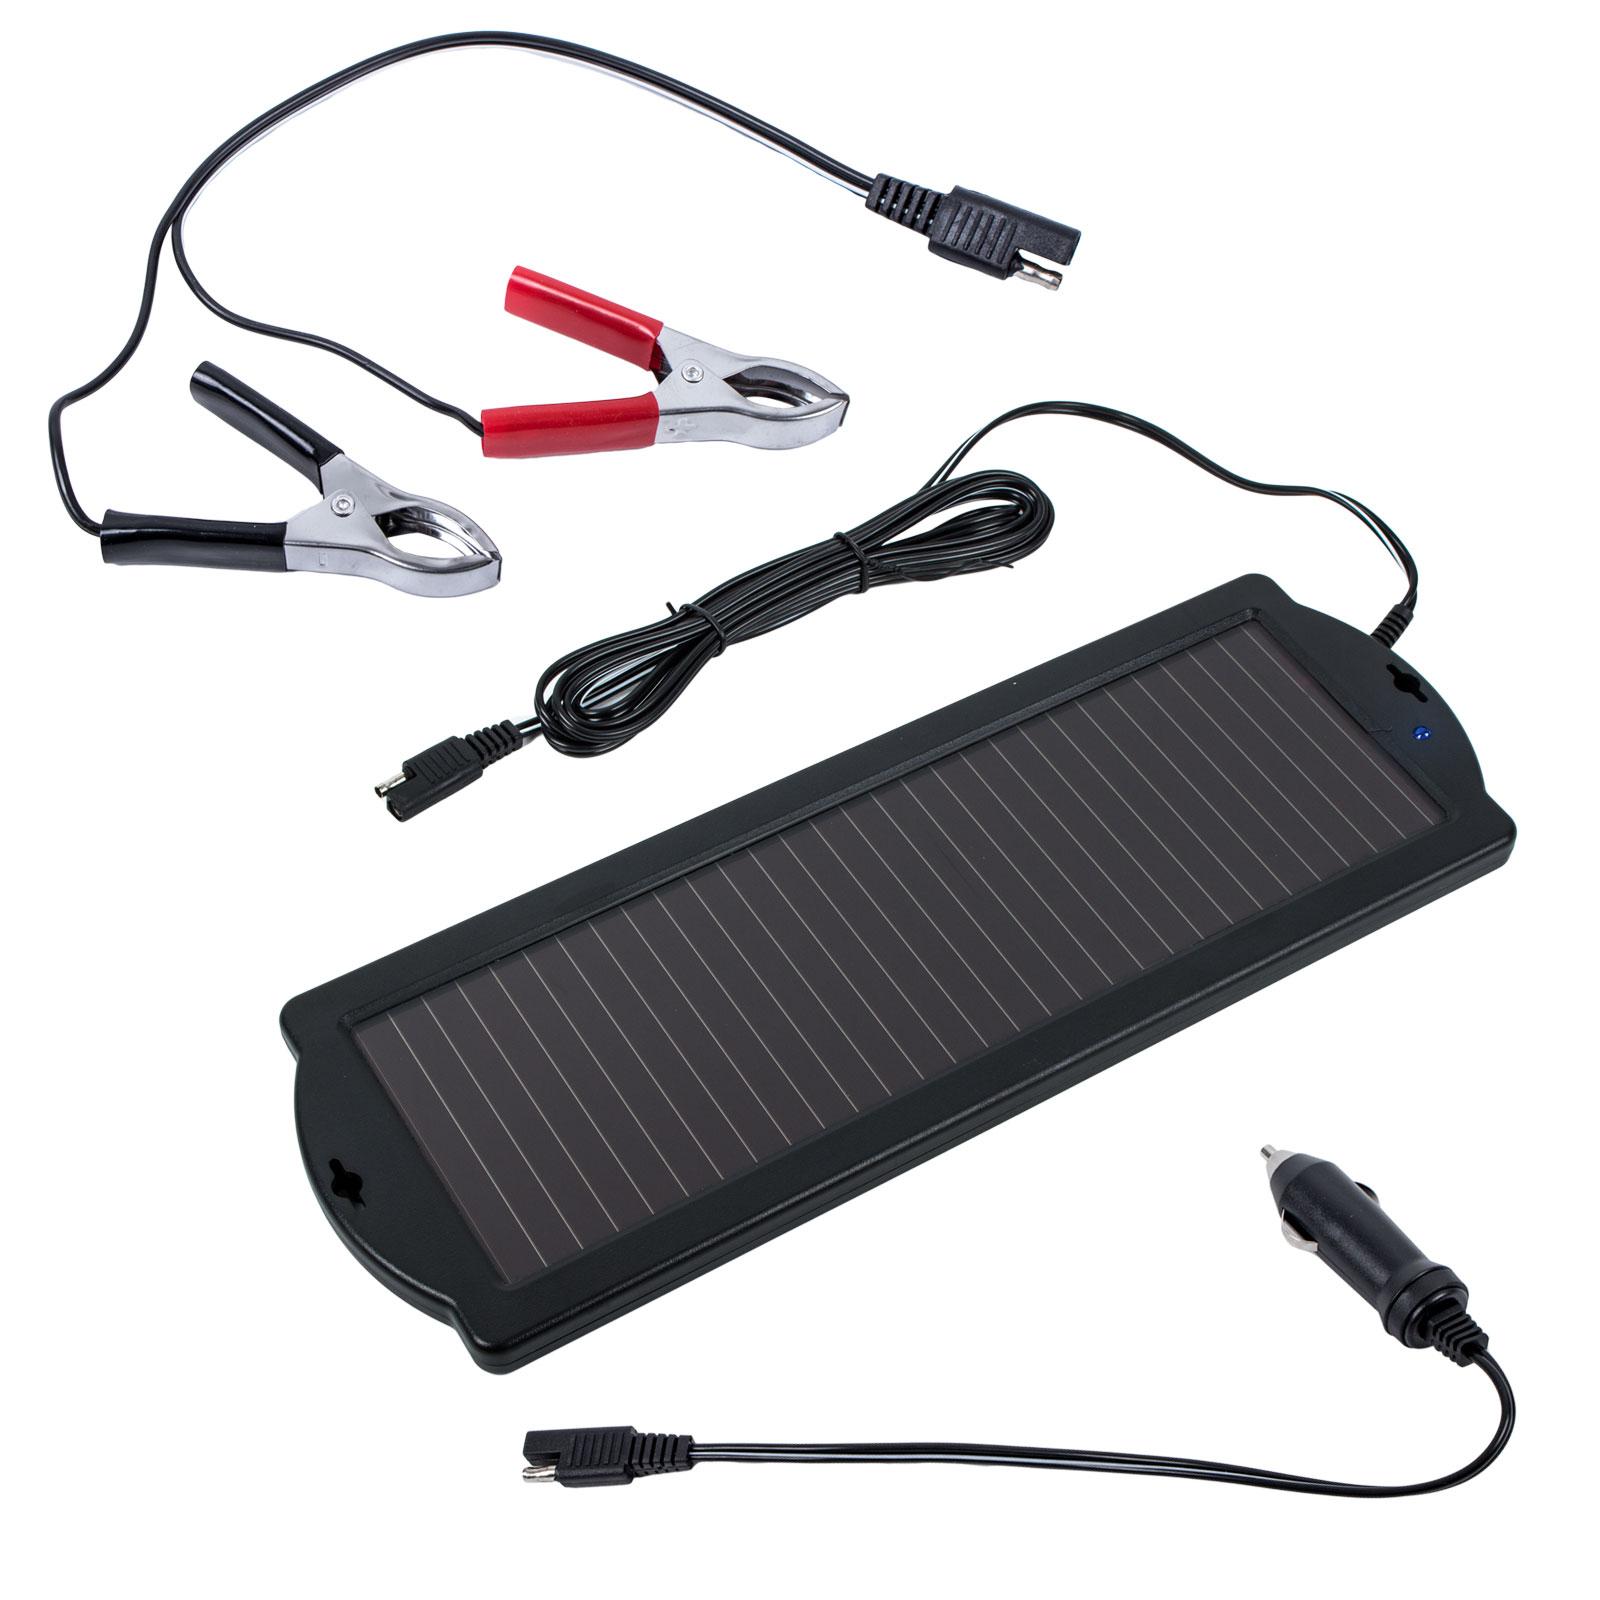 proplus solaire chargeur de batterie 12v 85 100ma voiture pour bateau ebay. Black Bedroom Furniture Sets. Home Design Ideas